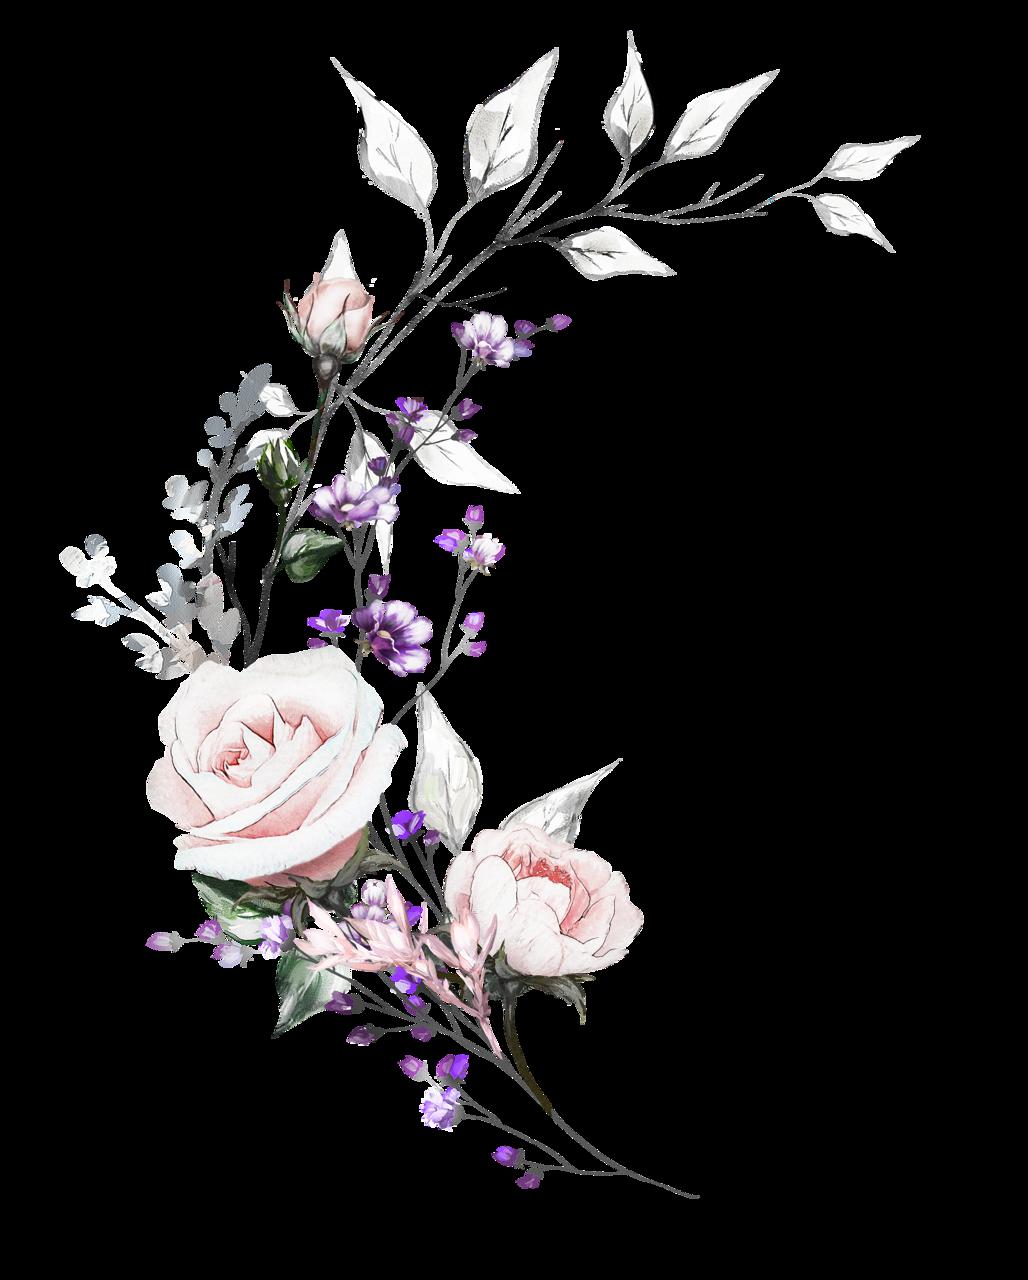 нежные цветы картинки на прозрачном фоне упор